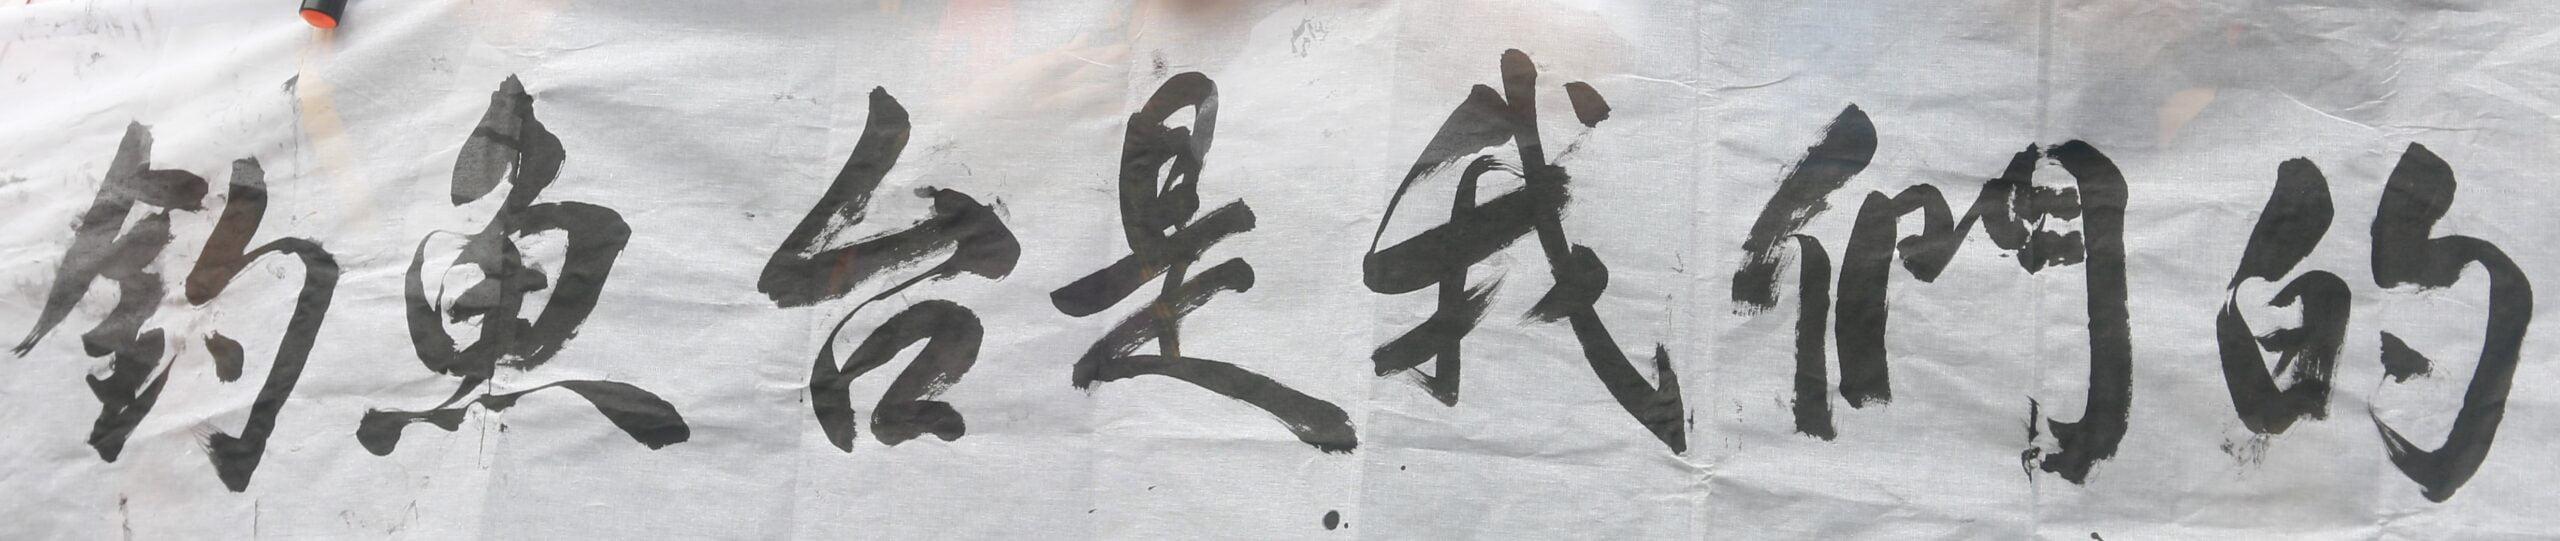 聲明稿:正告日本石垣市府:切勿扭曲歷史、危及東亞和平。敦促我方政府:迅速行動,反制日方侵我釣魚台主權。